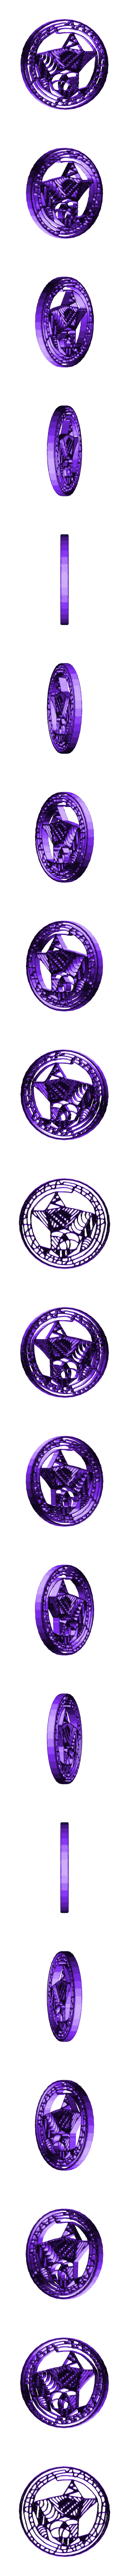 A3_2.stl Télécharger fichier STL gratuit Heure d'été (Collier/Ceinture) • Plan pour imprimante 3D, Kay